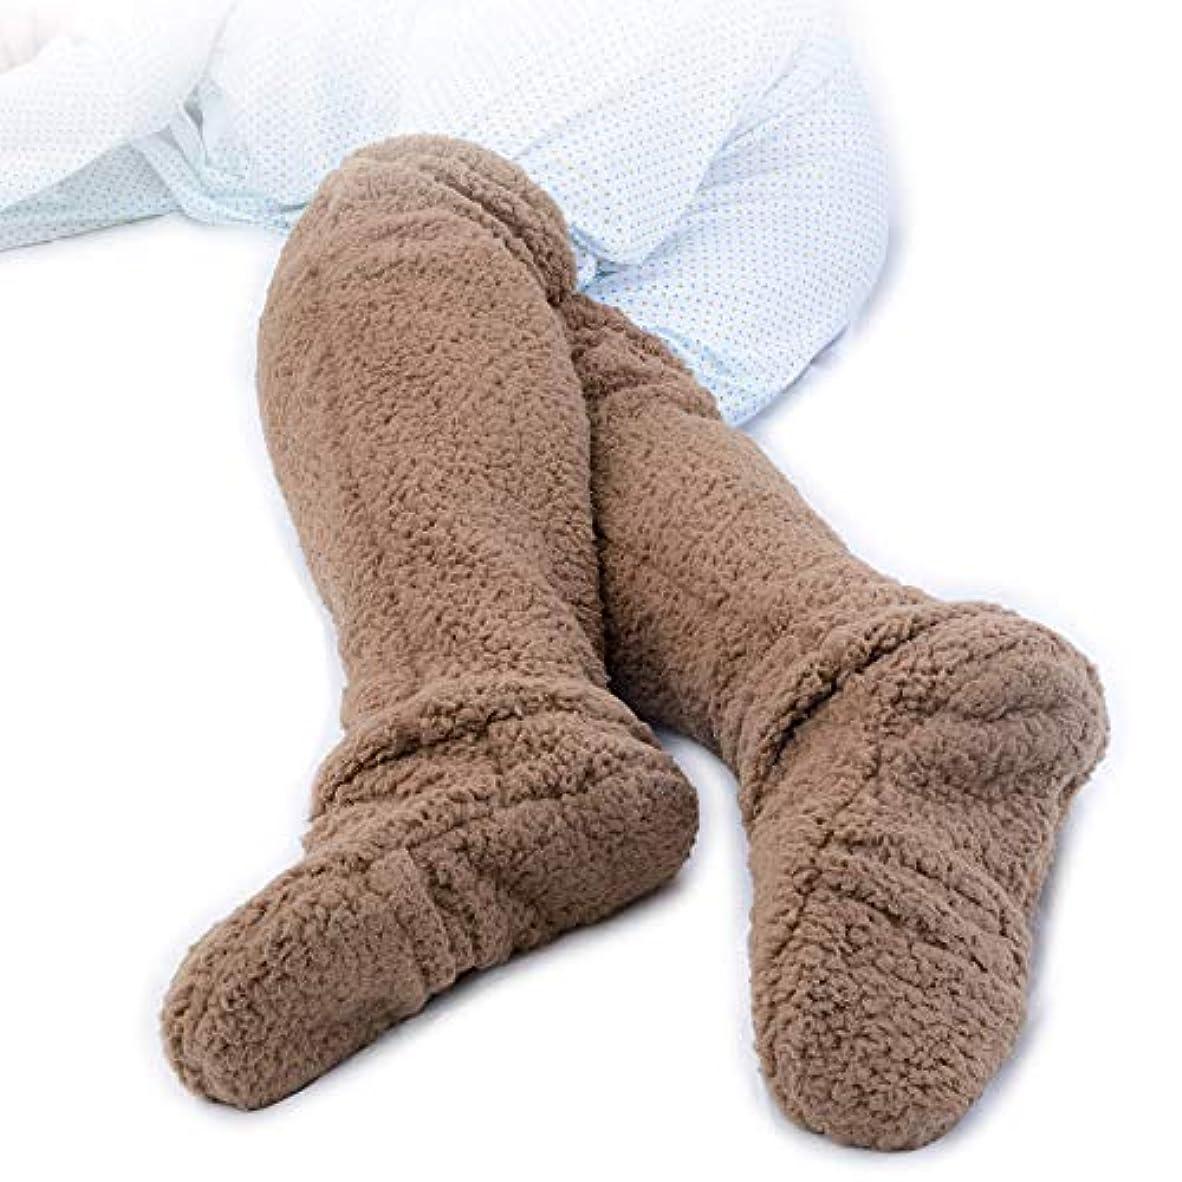 人間直接開拓者ヒートソックス,Enteriza 極暖 防寒 足が出せるロングカバー あったかグッズ ルームシューズ 男女兼用 2重フリース生地 室内履き 軽量 洗える